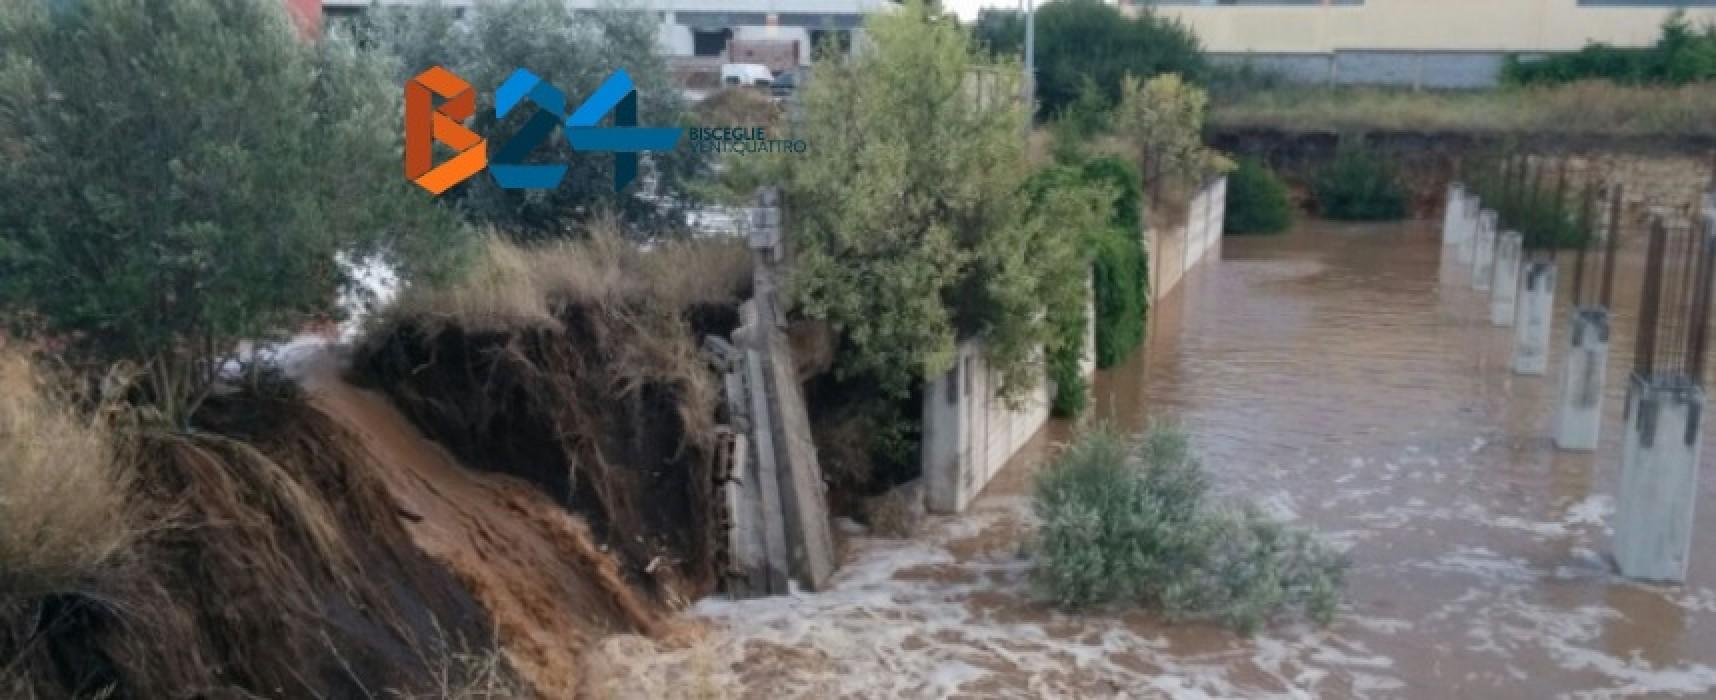 Danni maltempo, approvata in Regione la mozione Pd per lo stato di calamità